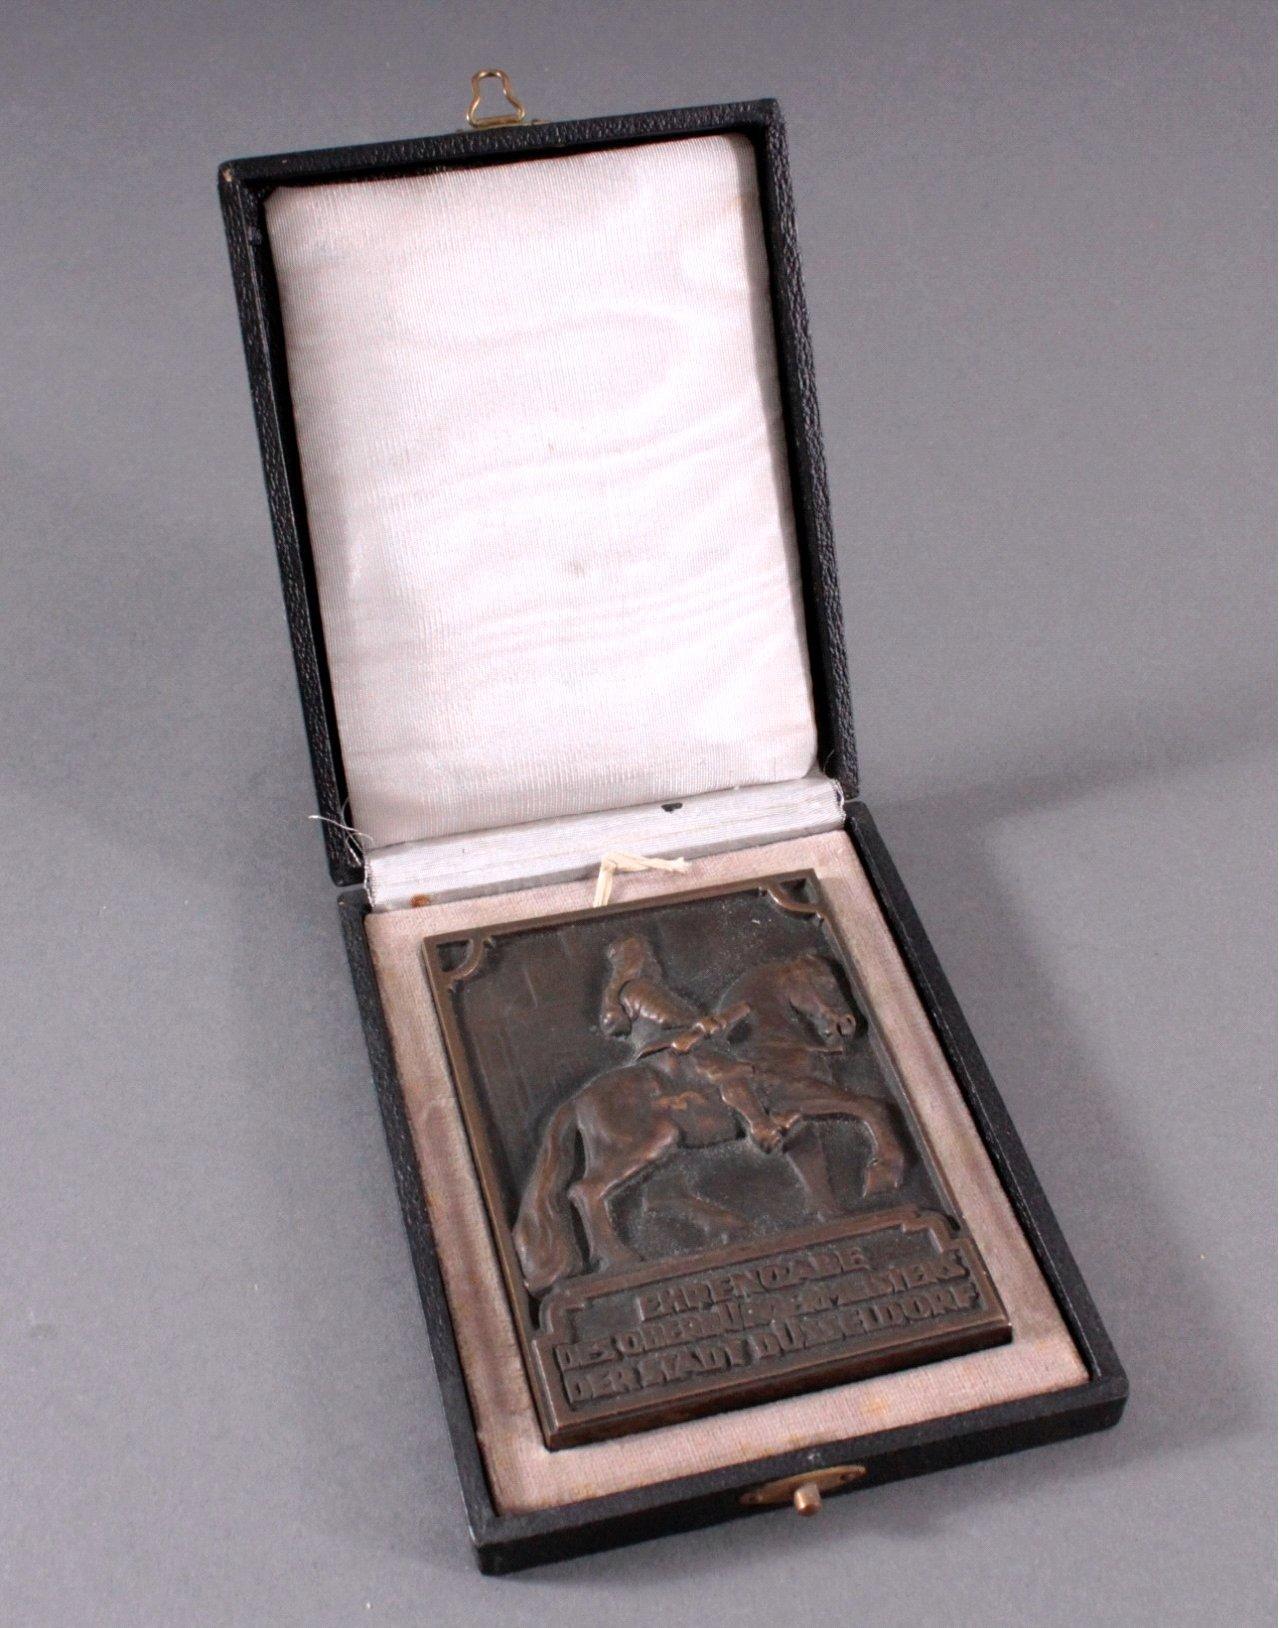 Bronzeplakette Düsseldorf 1935-2